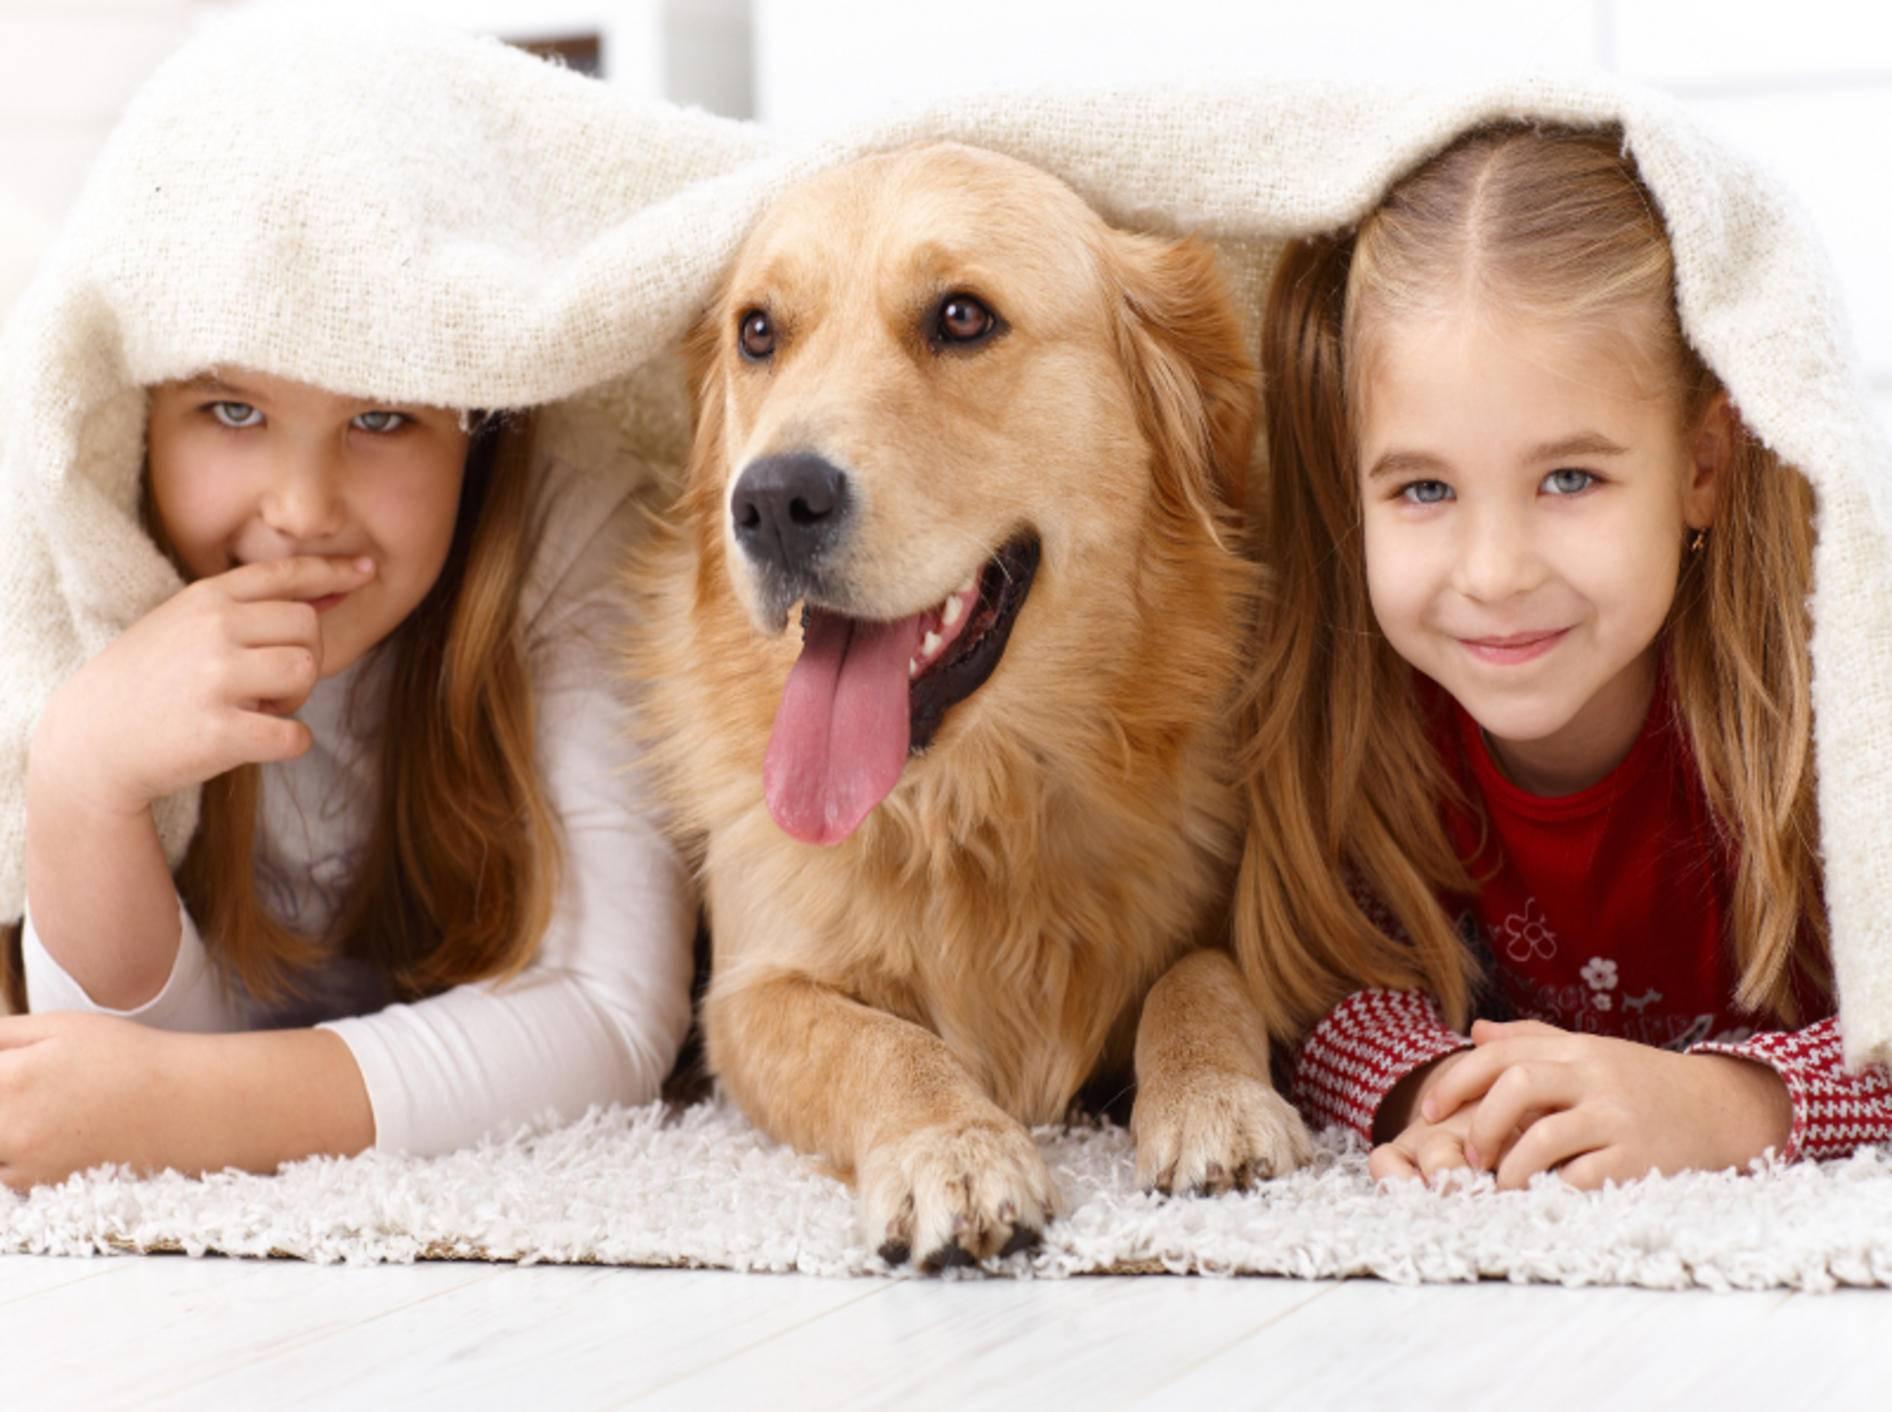 Haustiere sind auch einfach prima Spielgefährten – Shutterstock / StockLite